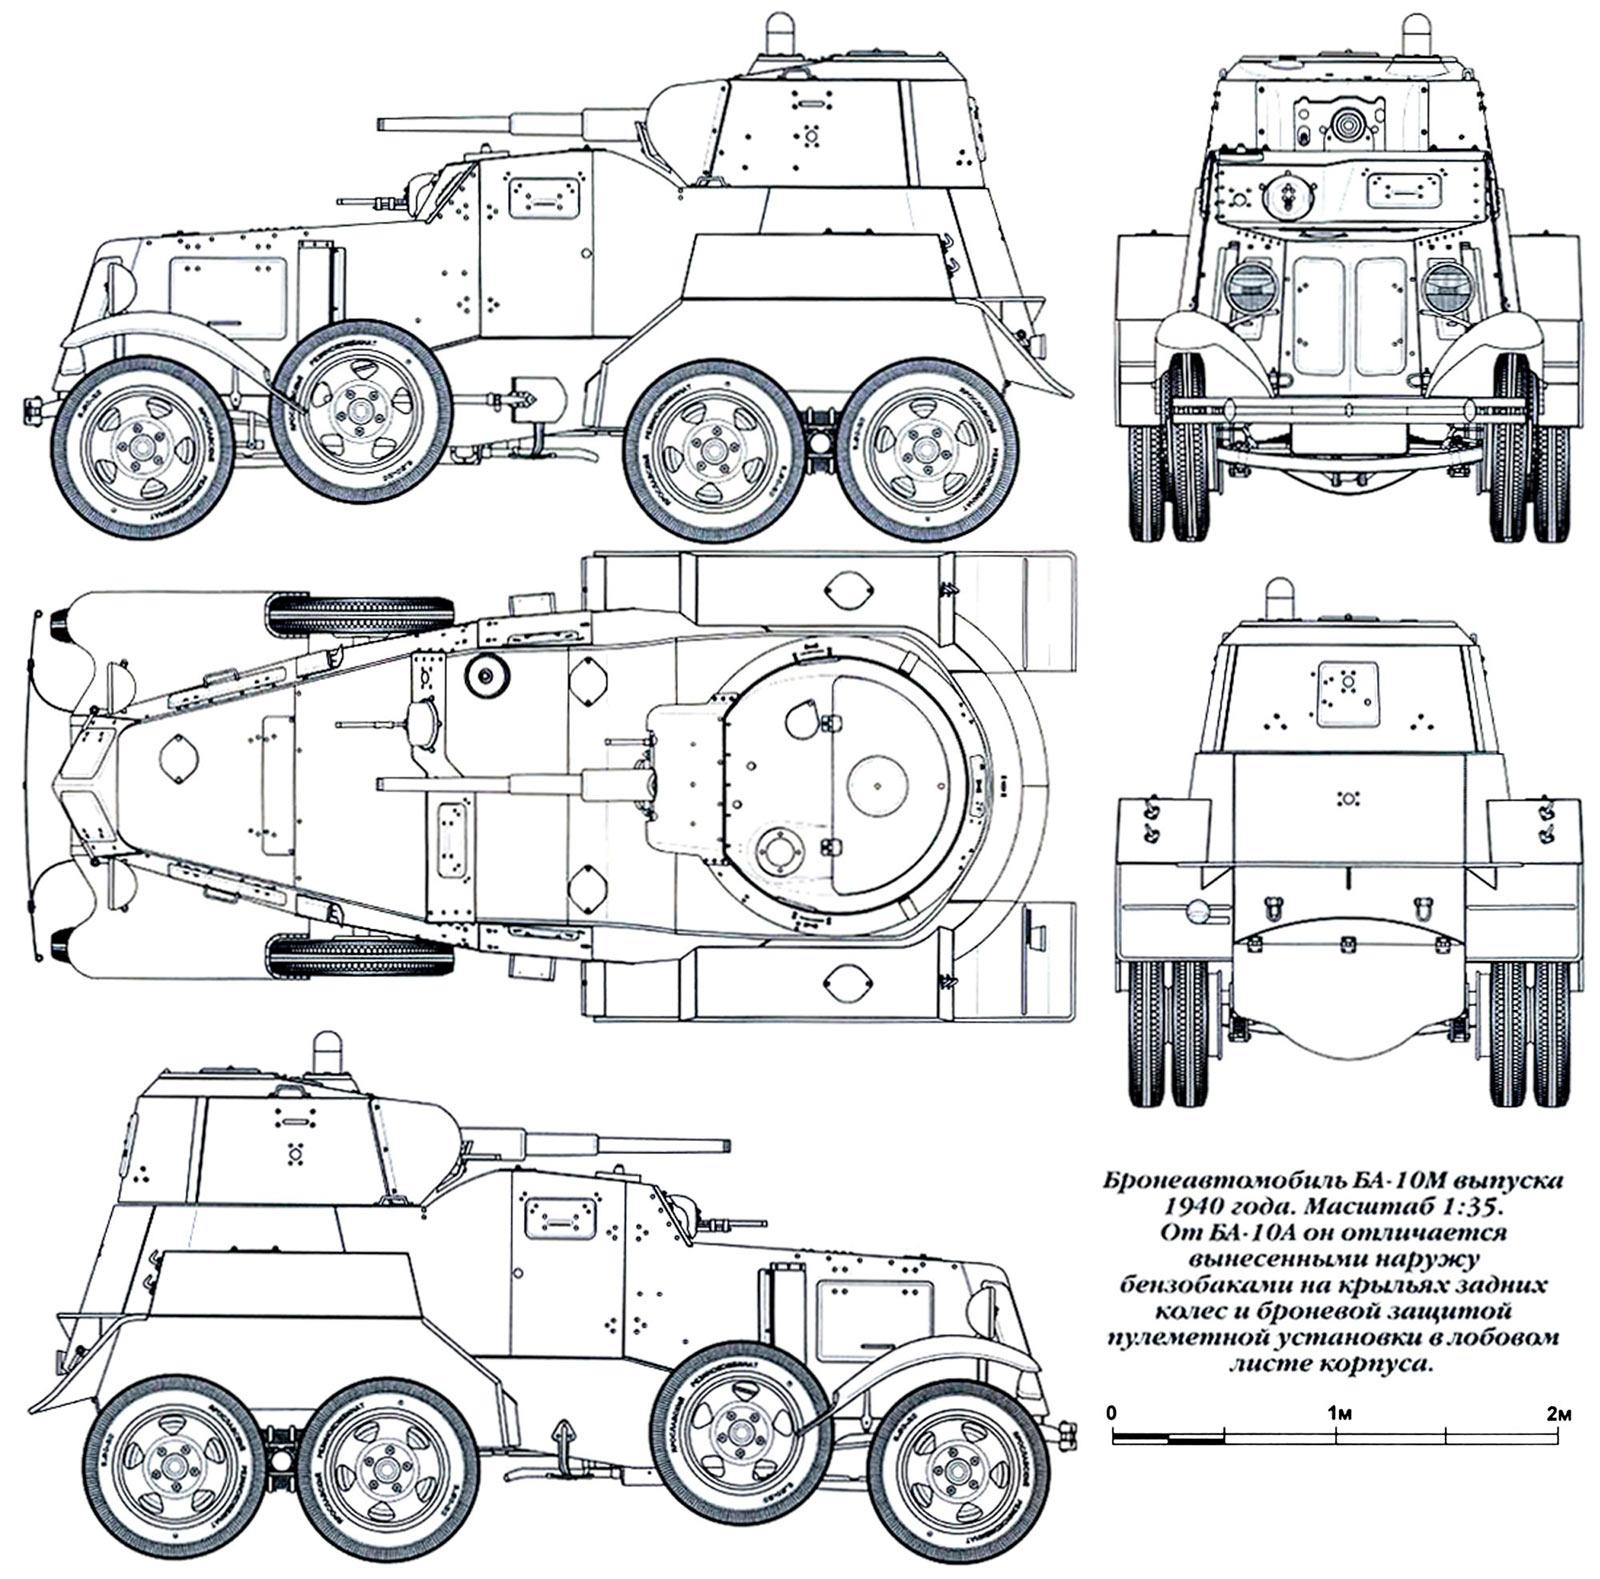 Чертеж среднего бронеавтомобиля БА-10